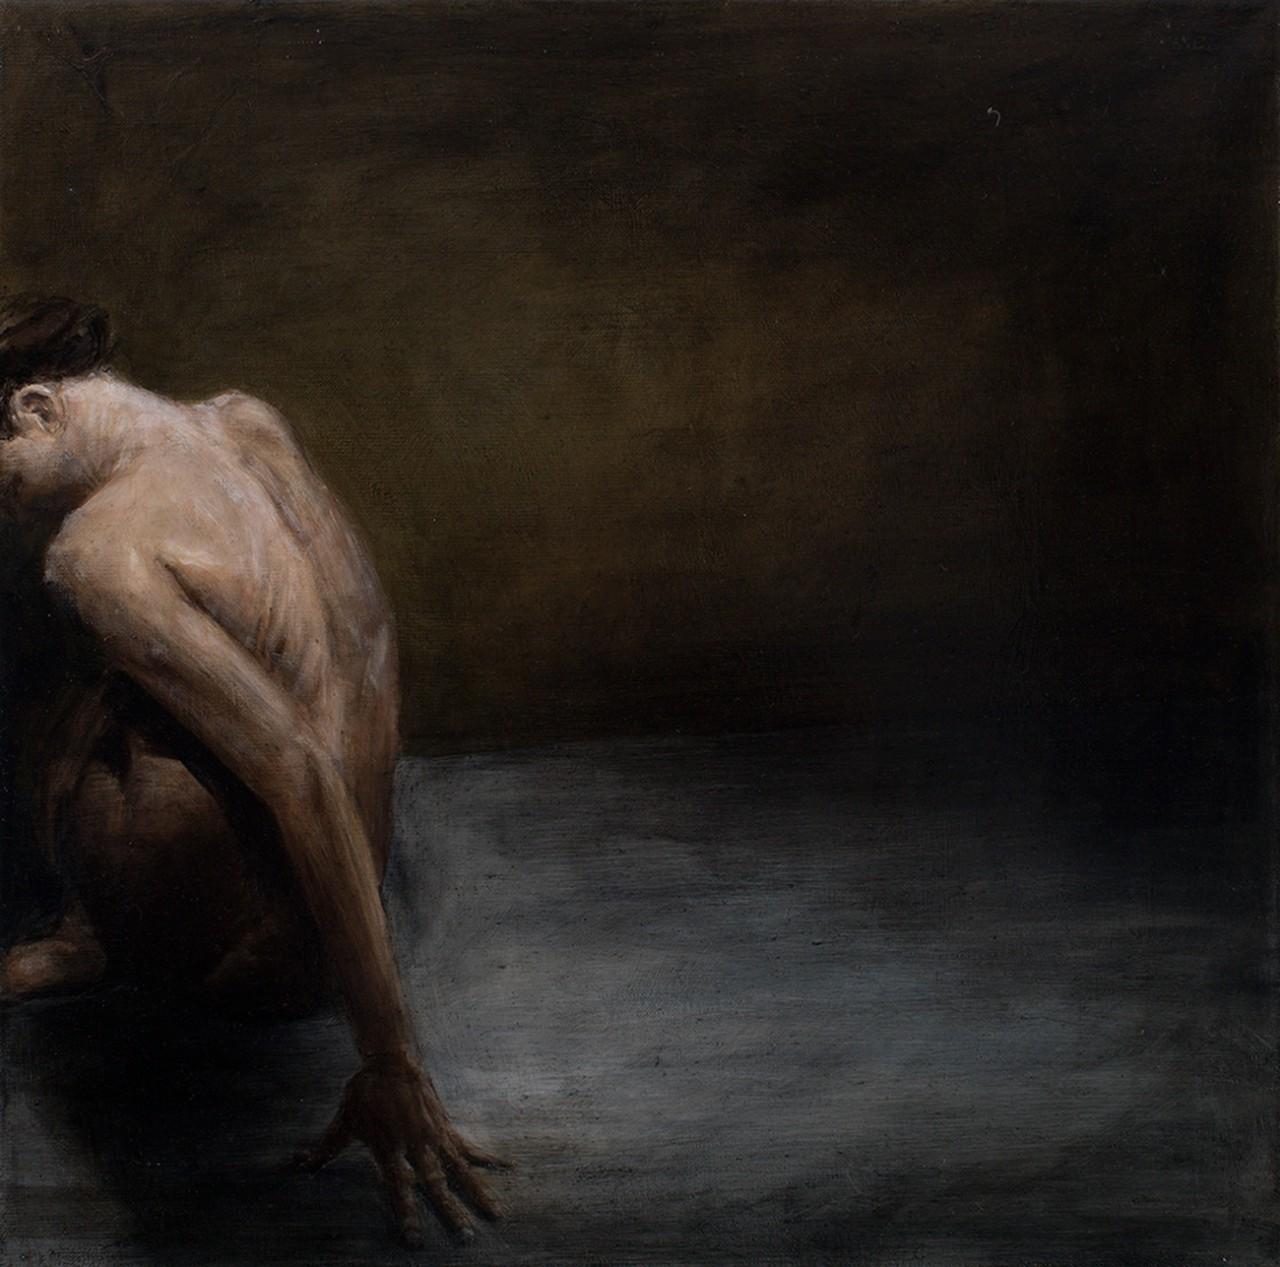 rückenakt, 2014, öl/leinwand, 40 x 40 cm